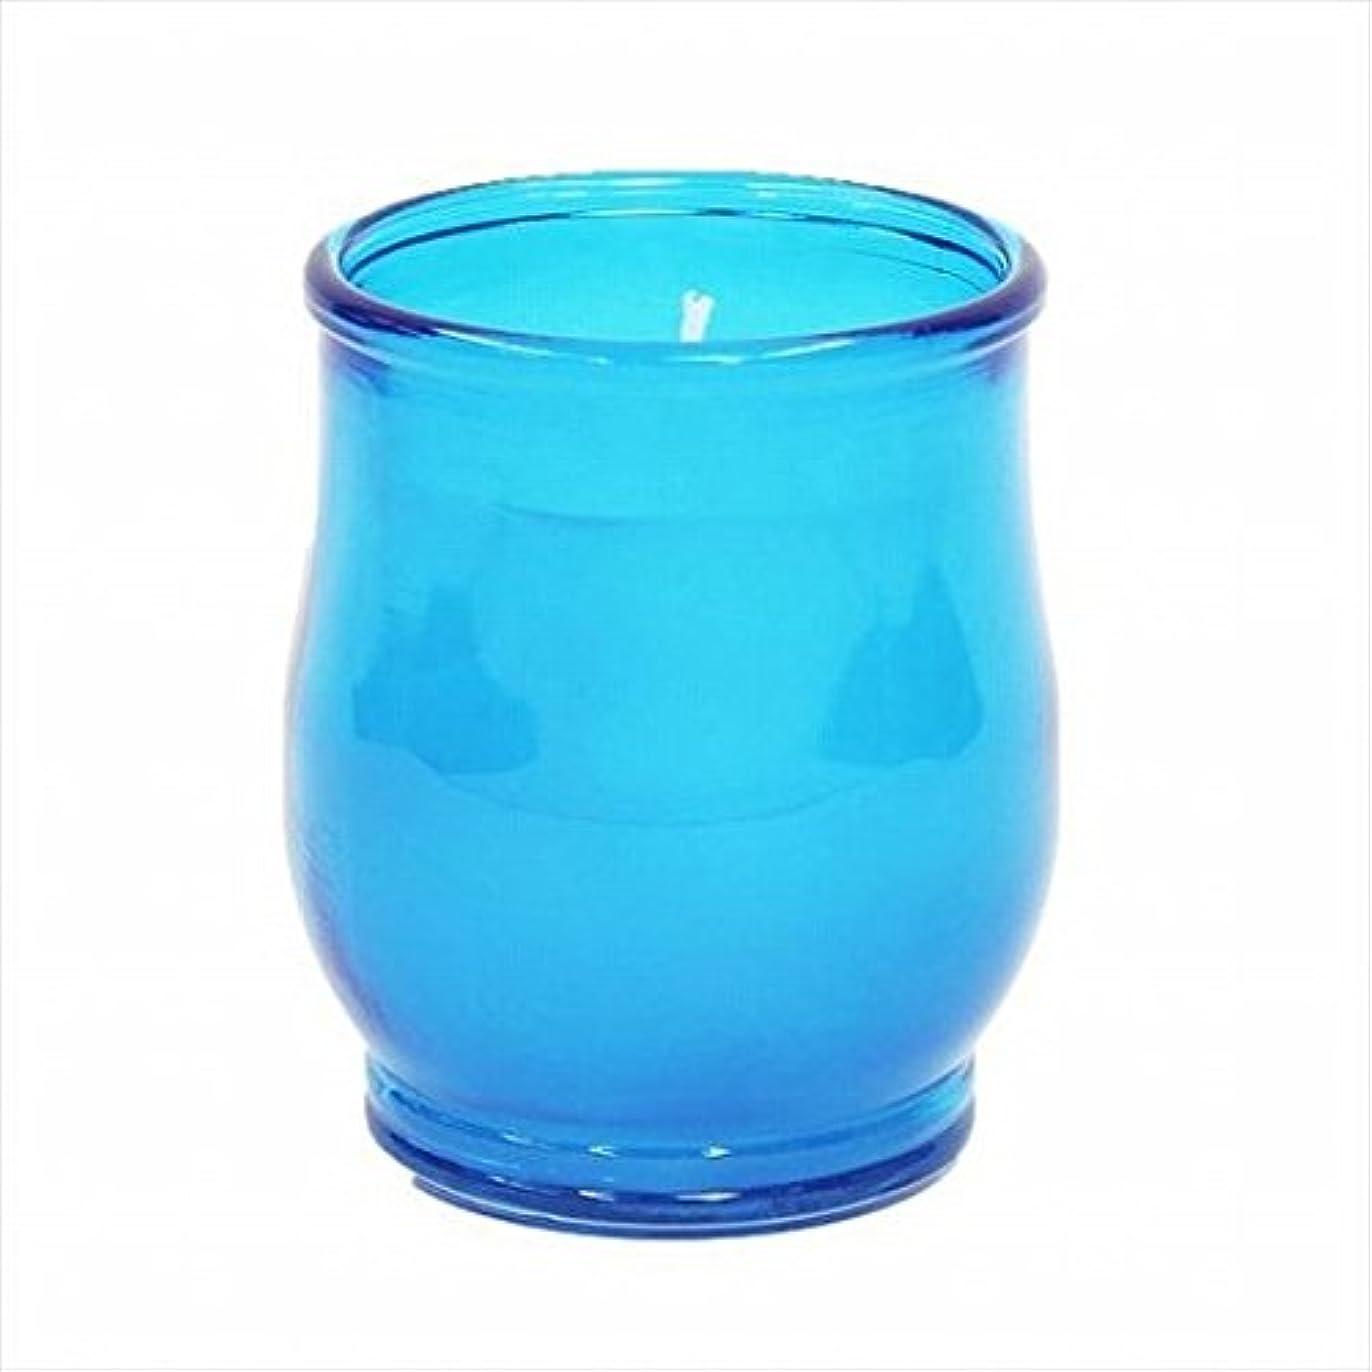 置き場ホット移民kameyama candle(カメヤマキャンドル) ポシェ(非常用コップローソク) 「 ブルー 」 キャンドル 68x68x80mm (73020000BL)